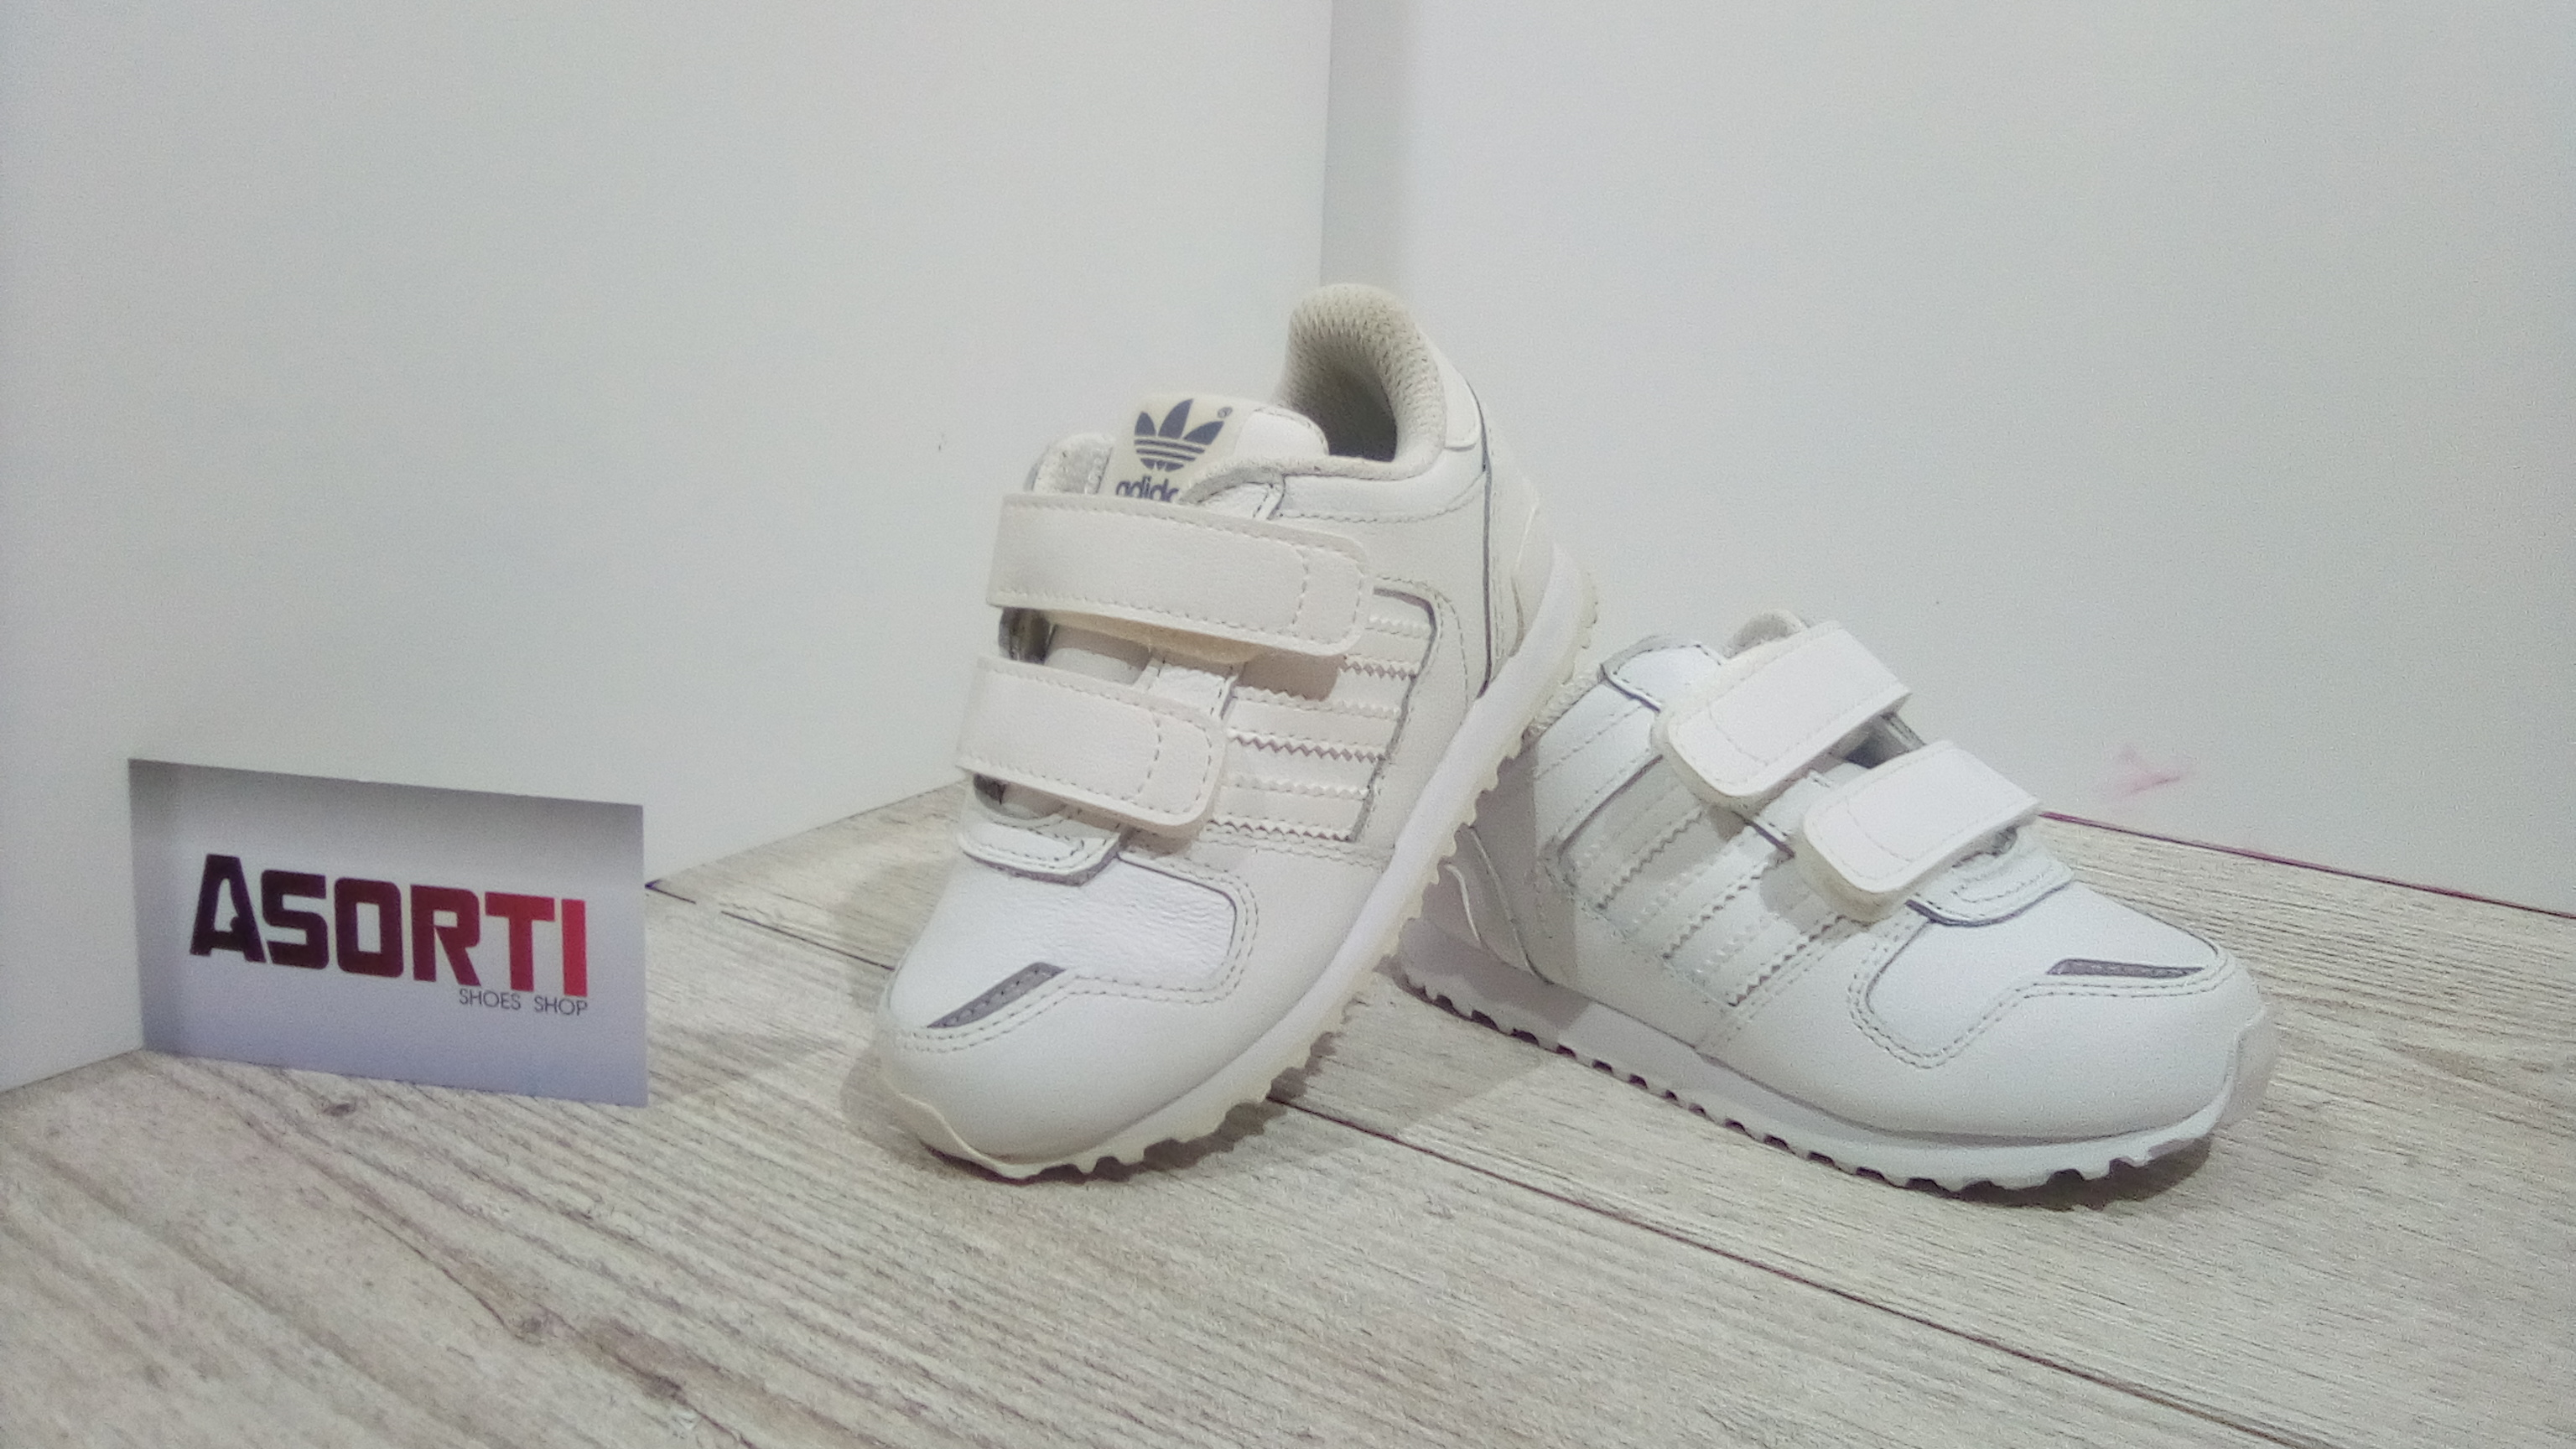 d3e5475c Детские кроссовки Adidas ZX 700 CF I (Q23981) белые купить в Украине ...